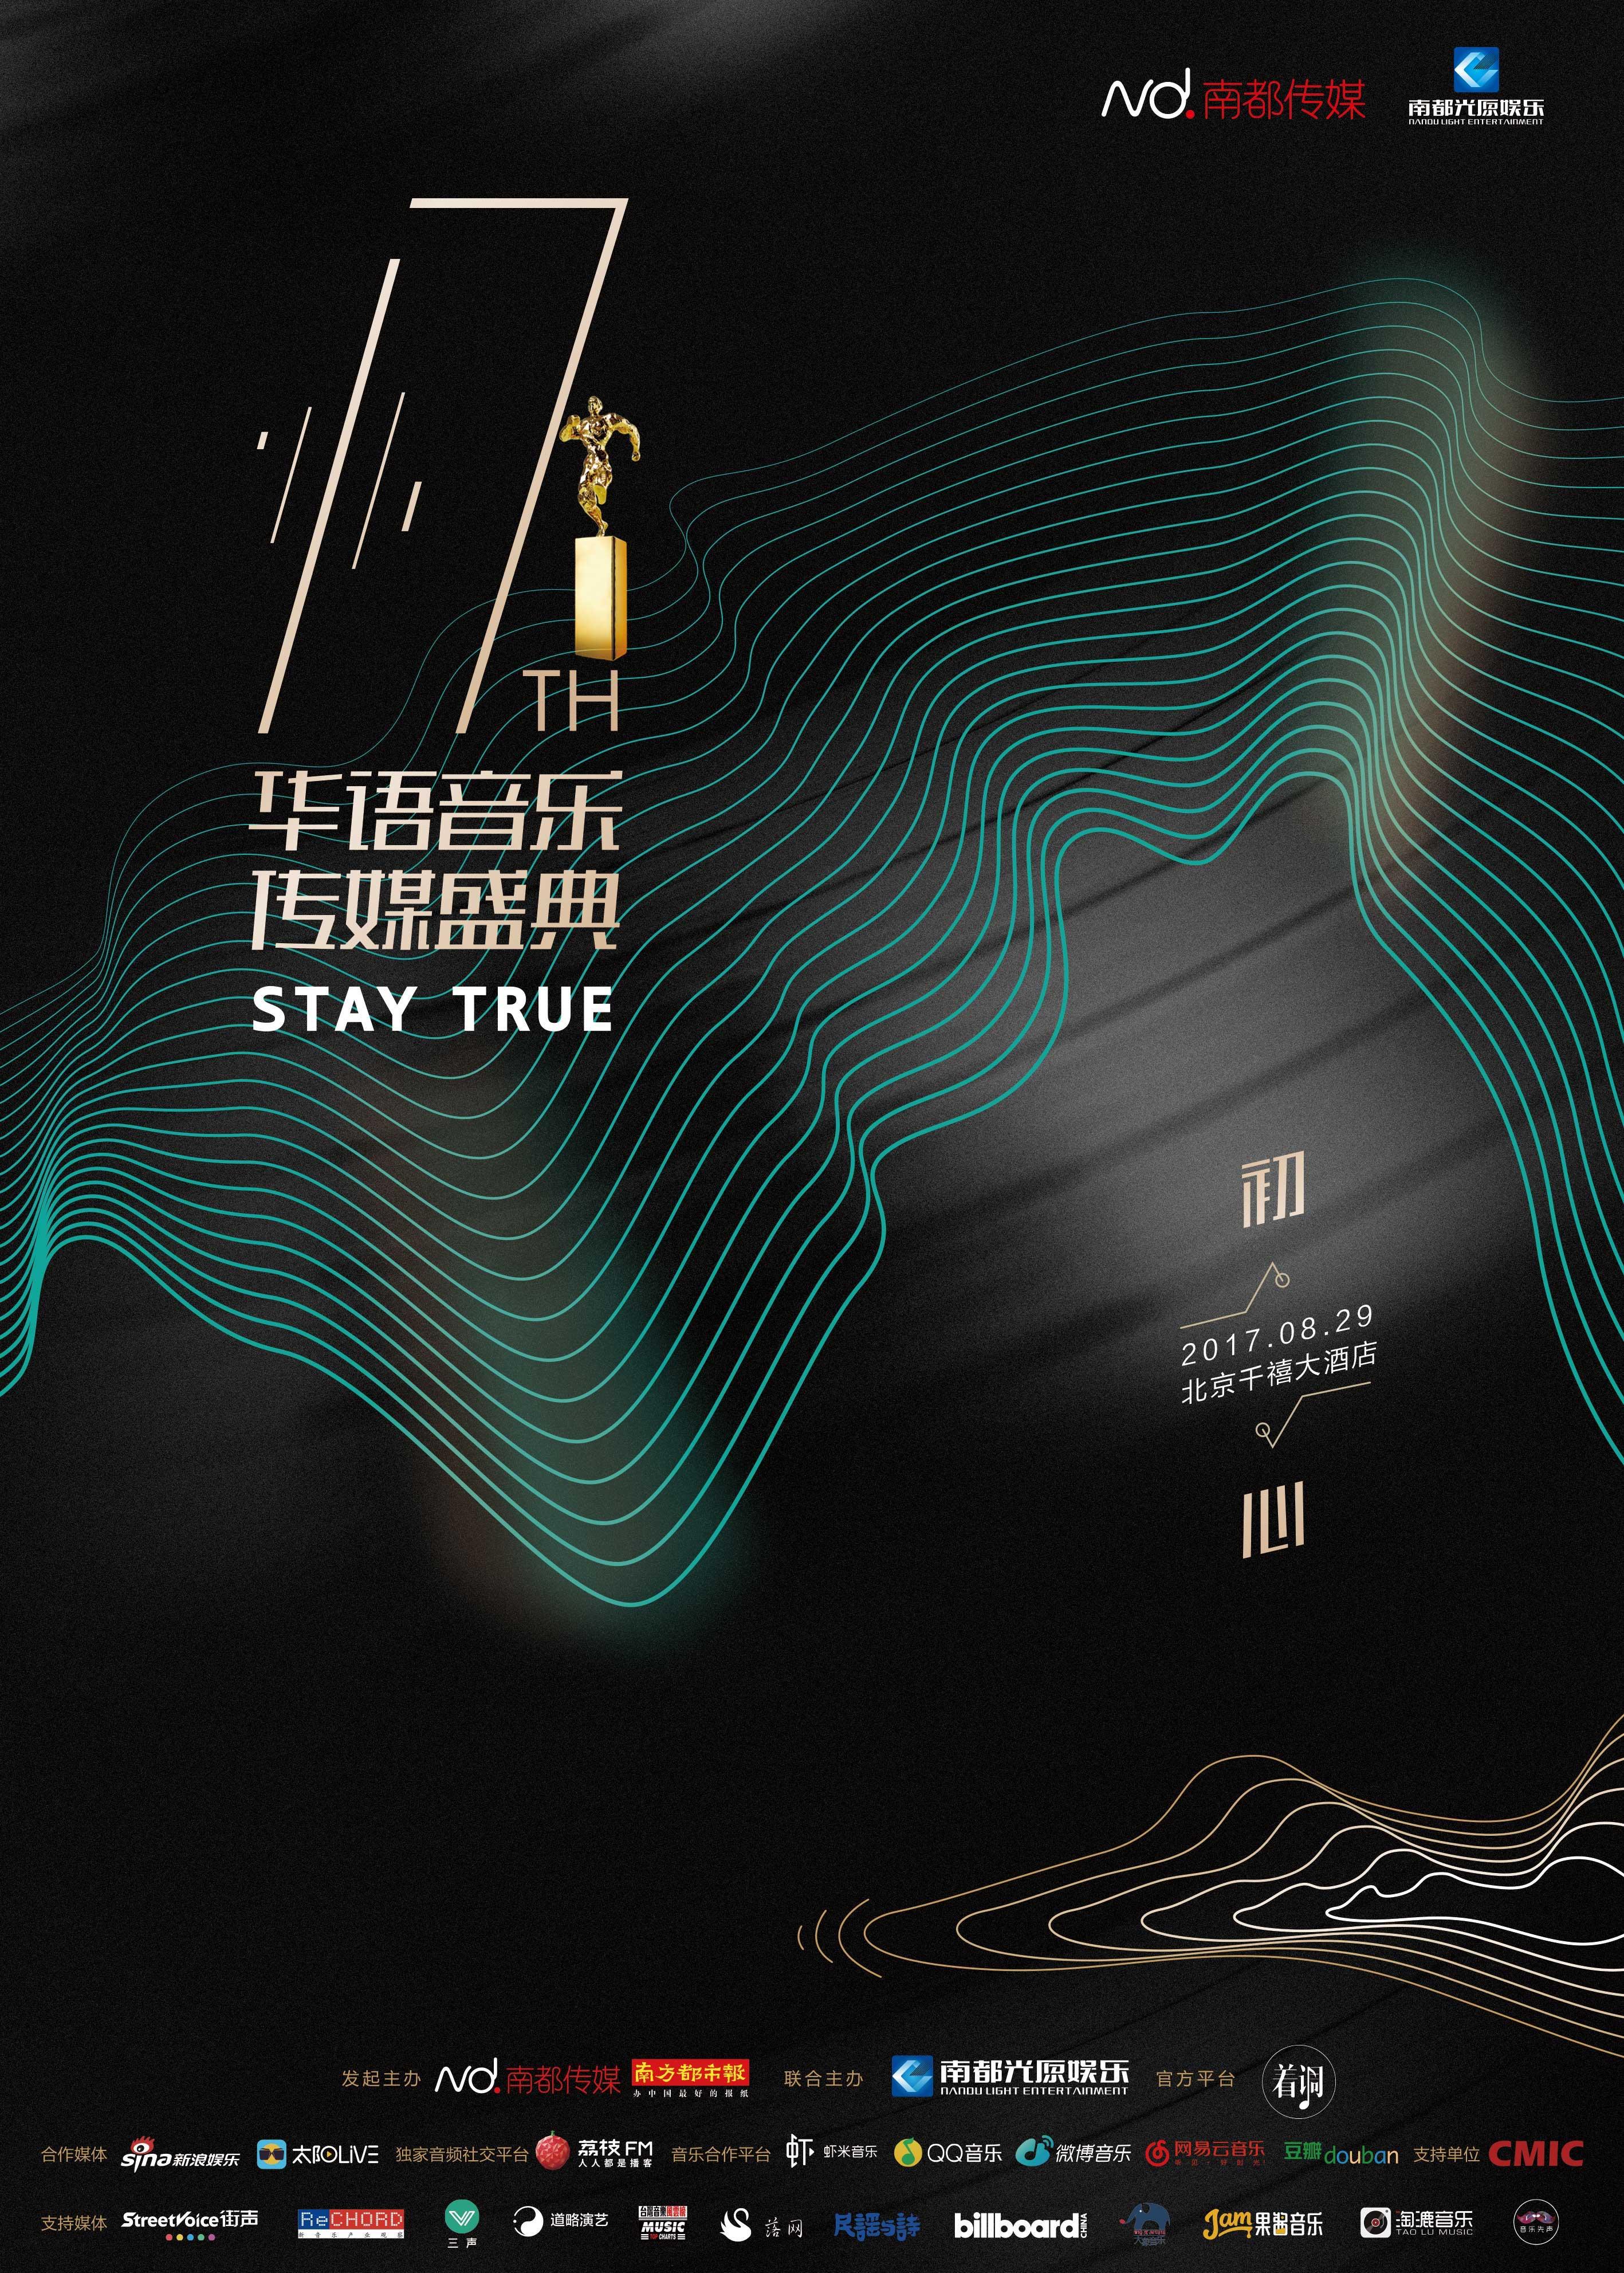 第17届华语音乐传媒盛典提名公布 方大同领跑